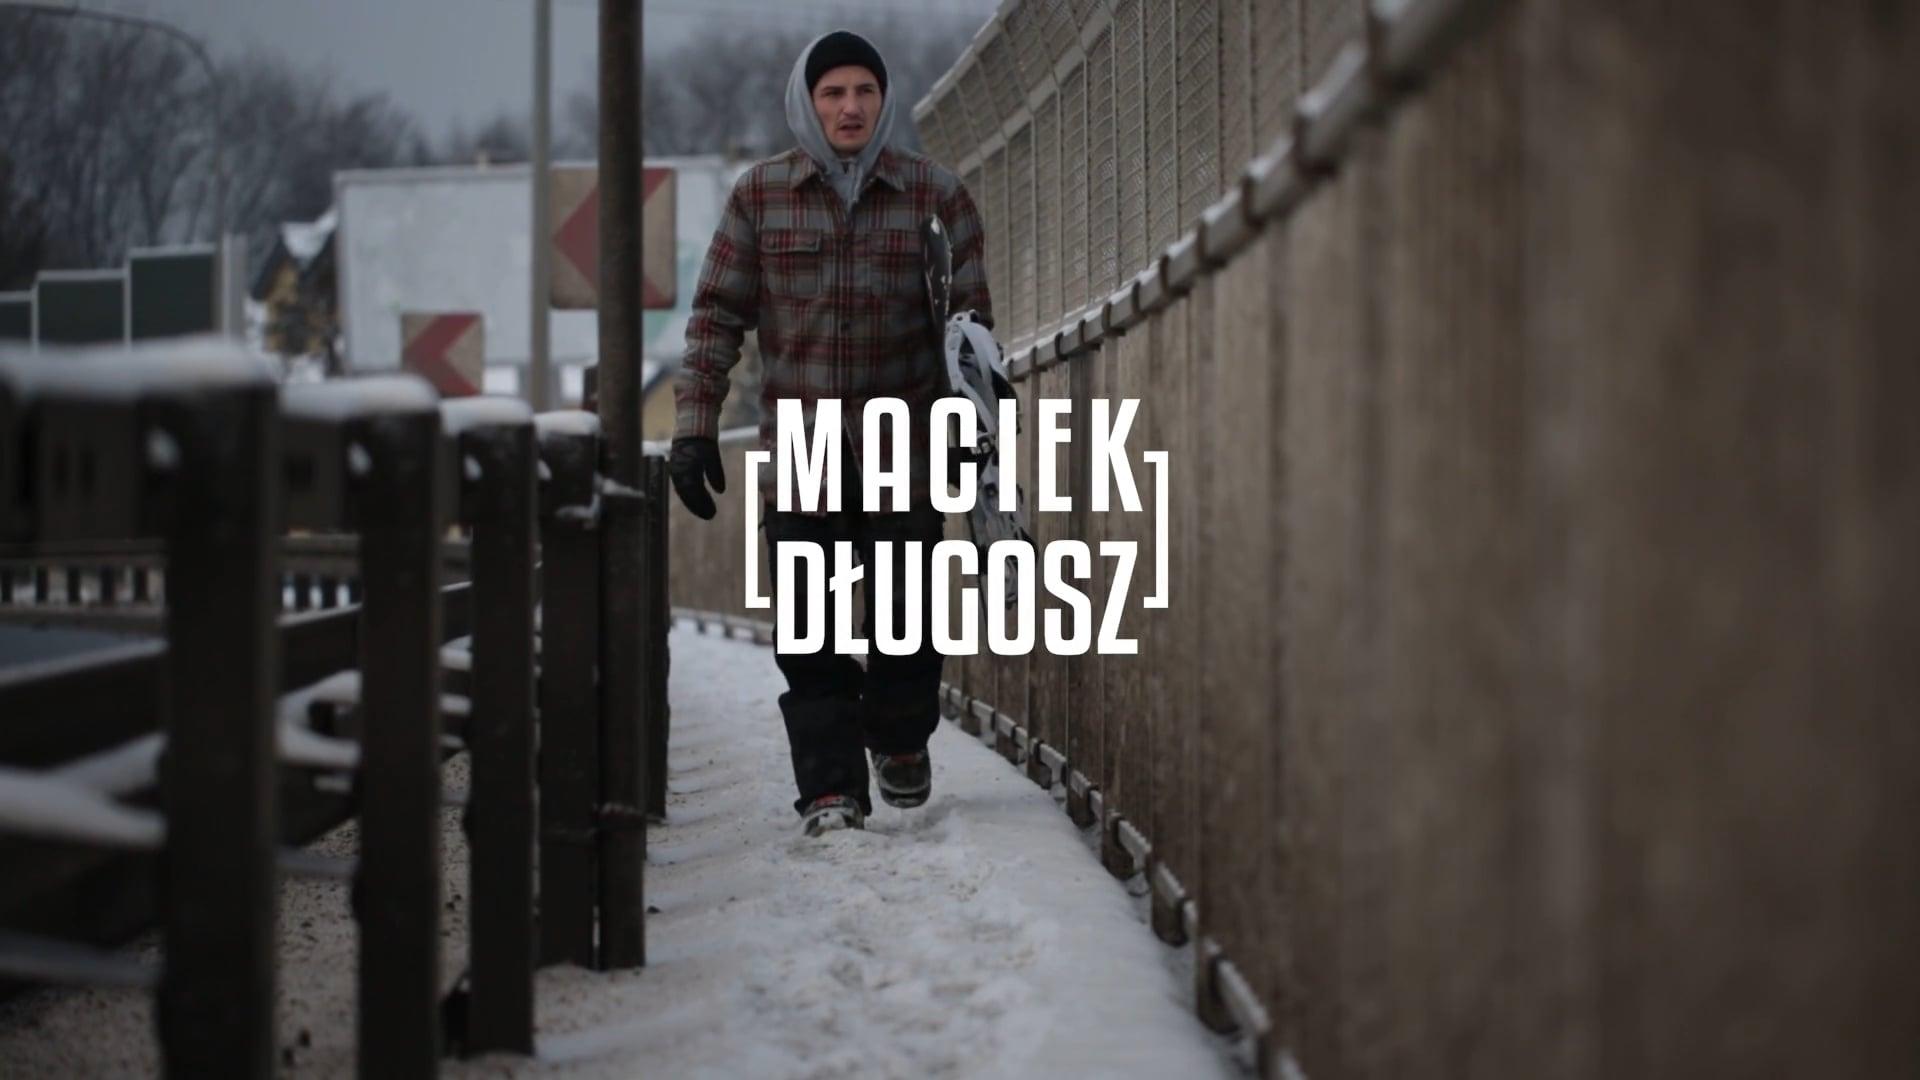 Maciek Dlugosz – Street Part unter widrigen Bedingungen